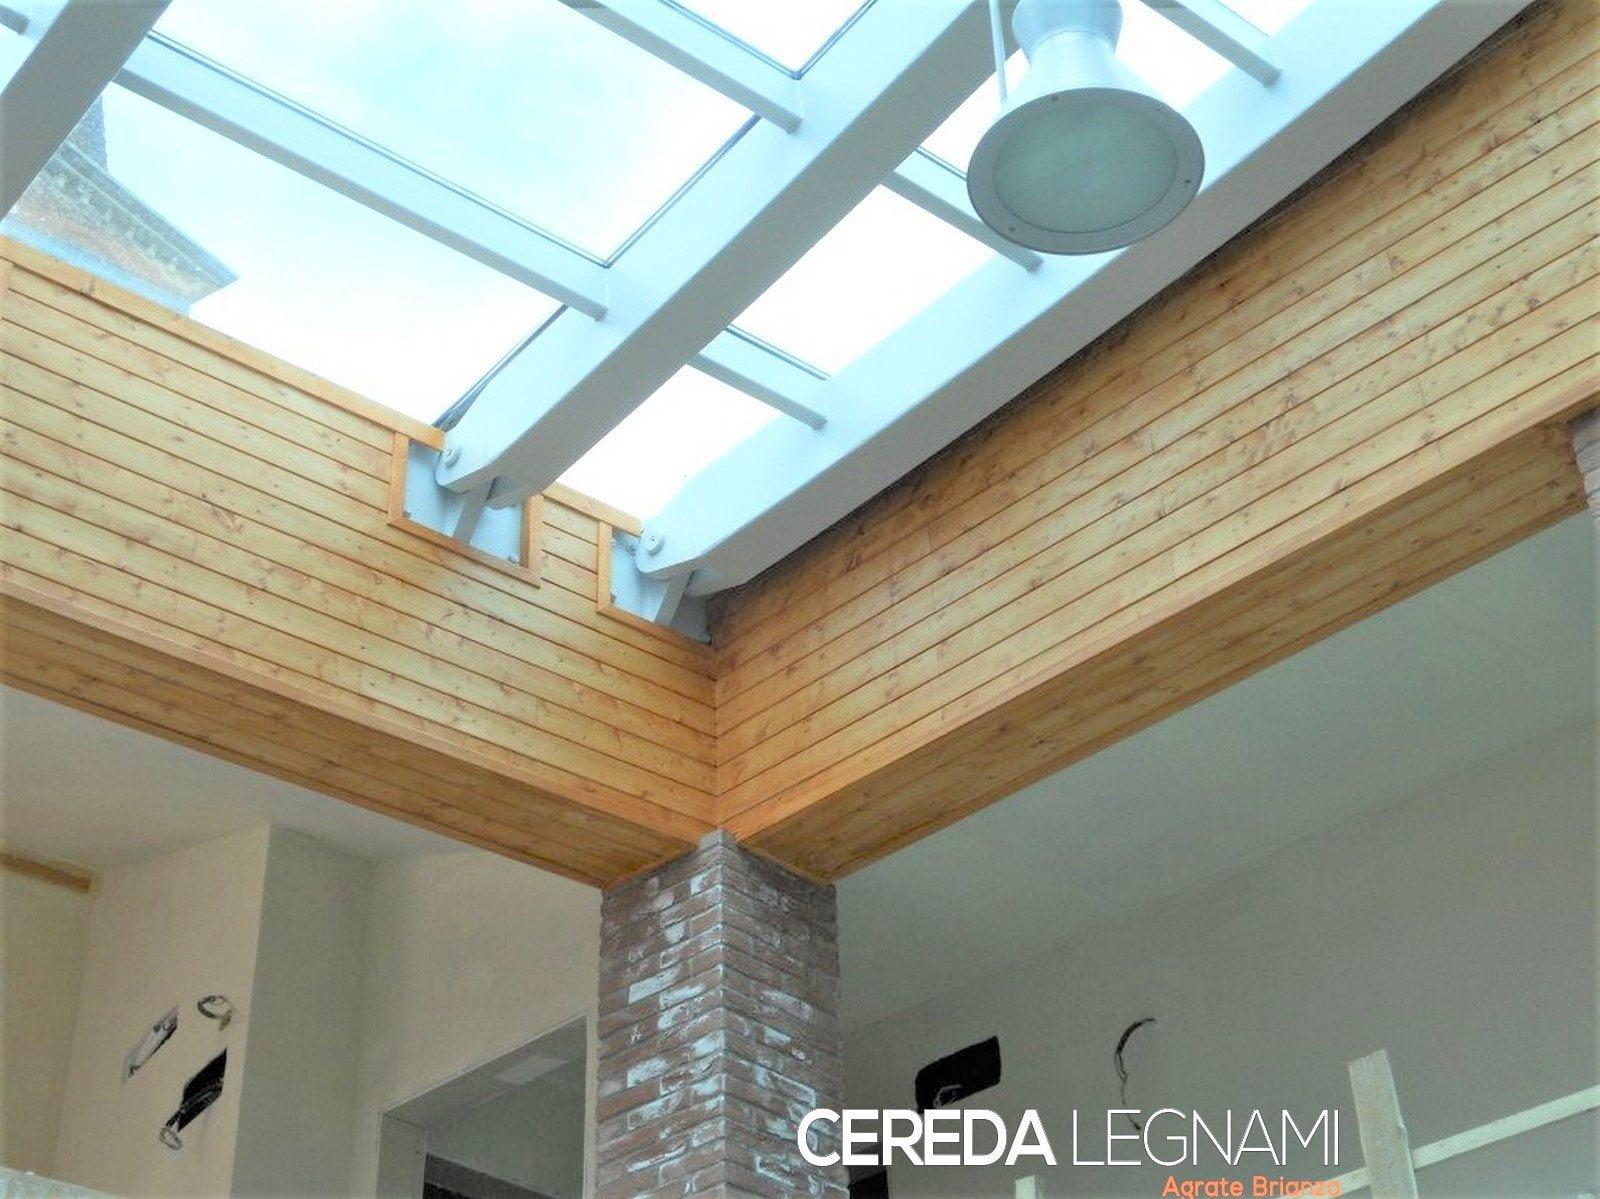 Perline rivestimento dogato legno abete cereda legnami for Posa perline legno parete